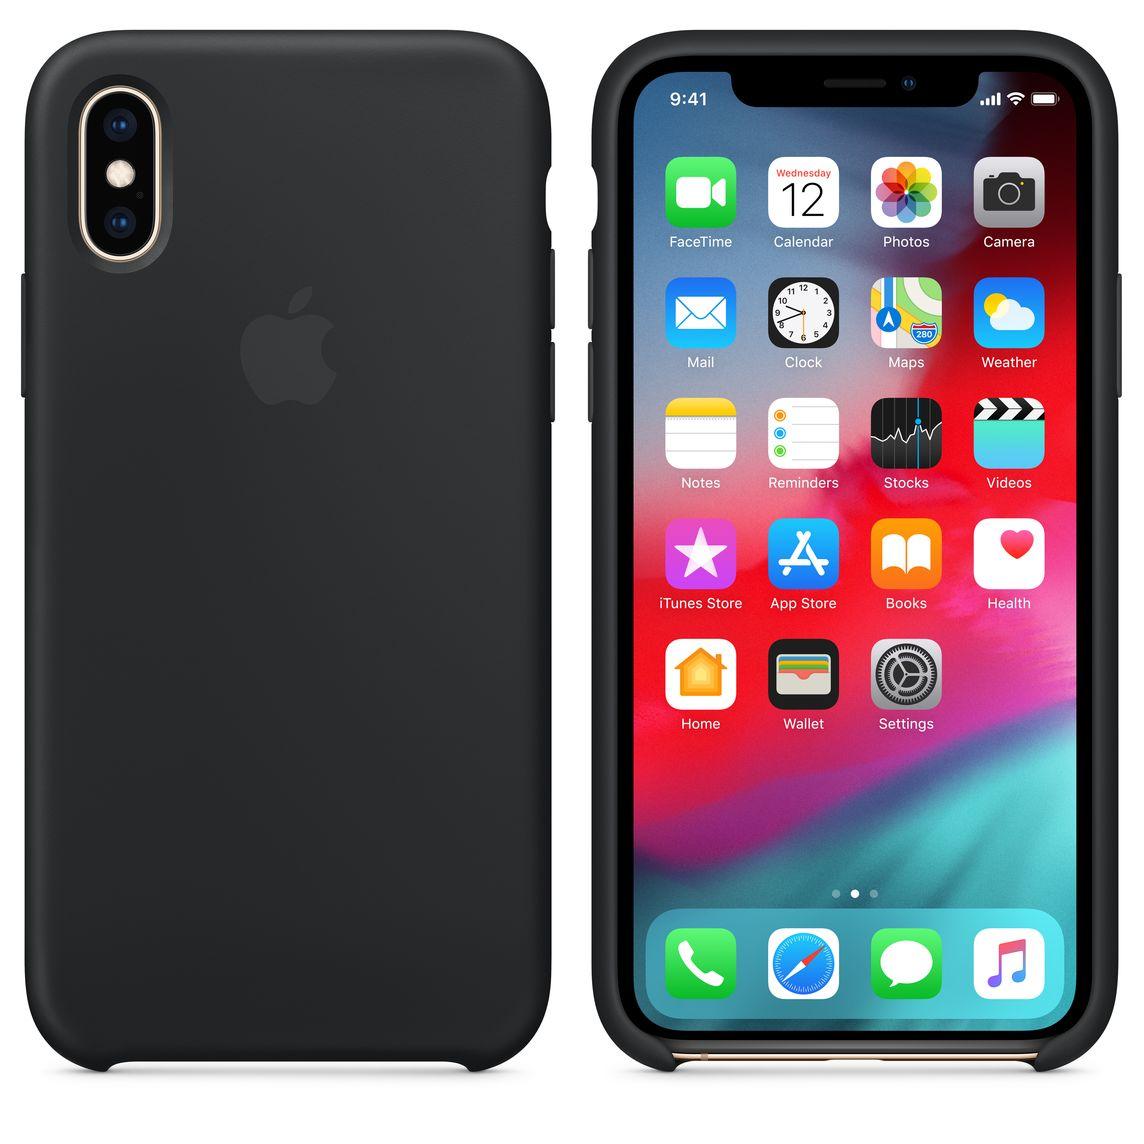 Comprar funda de silicona para iPhone 7 negra transparente